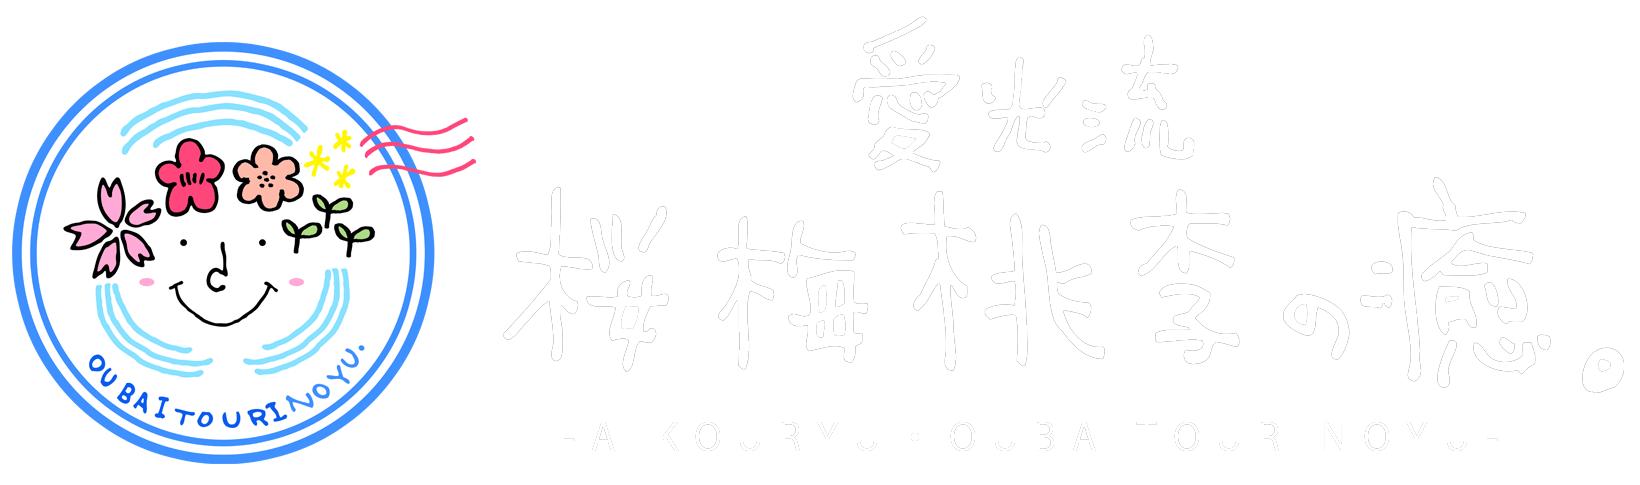 愛光流桜梅桃李の癒